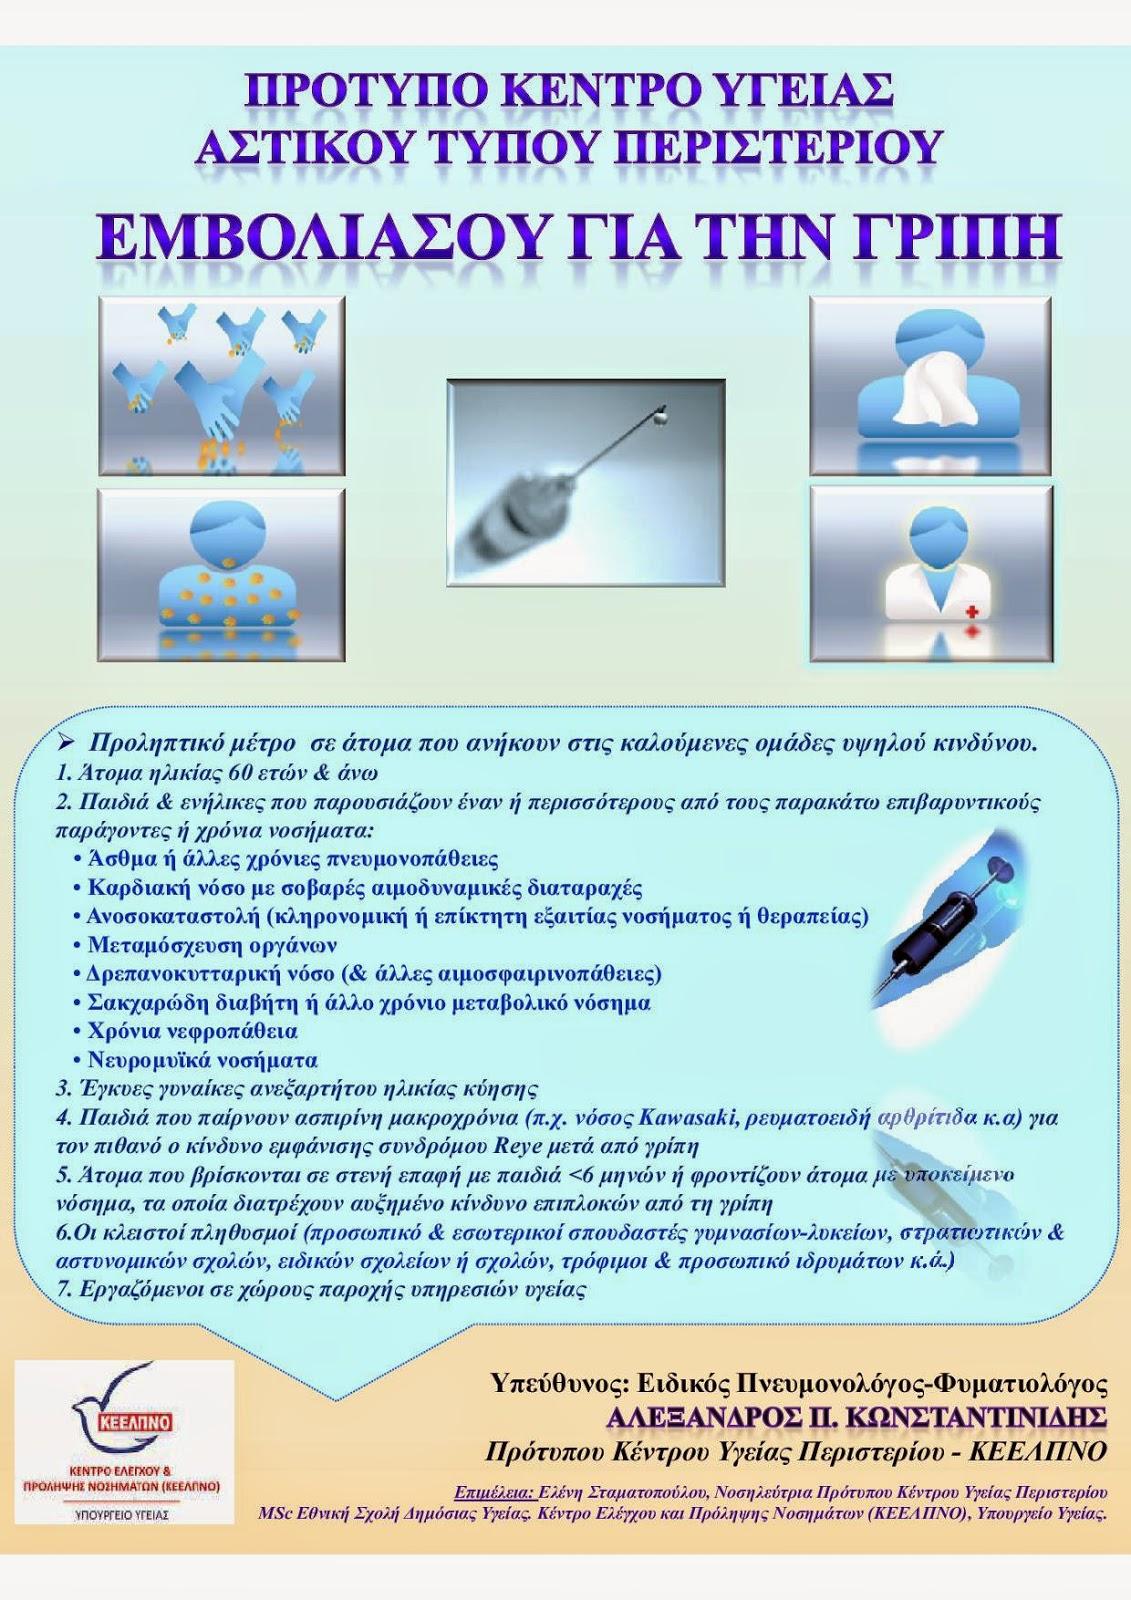 Δήμος Περιστερίου: Εμβολιάσου για την γρίπη